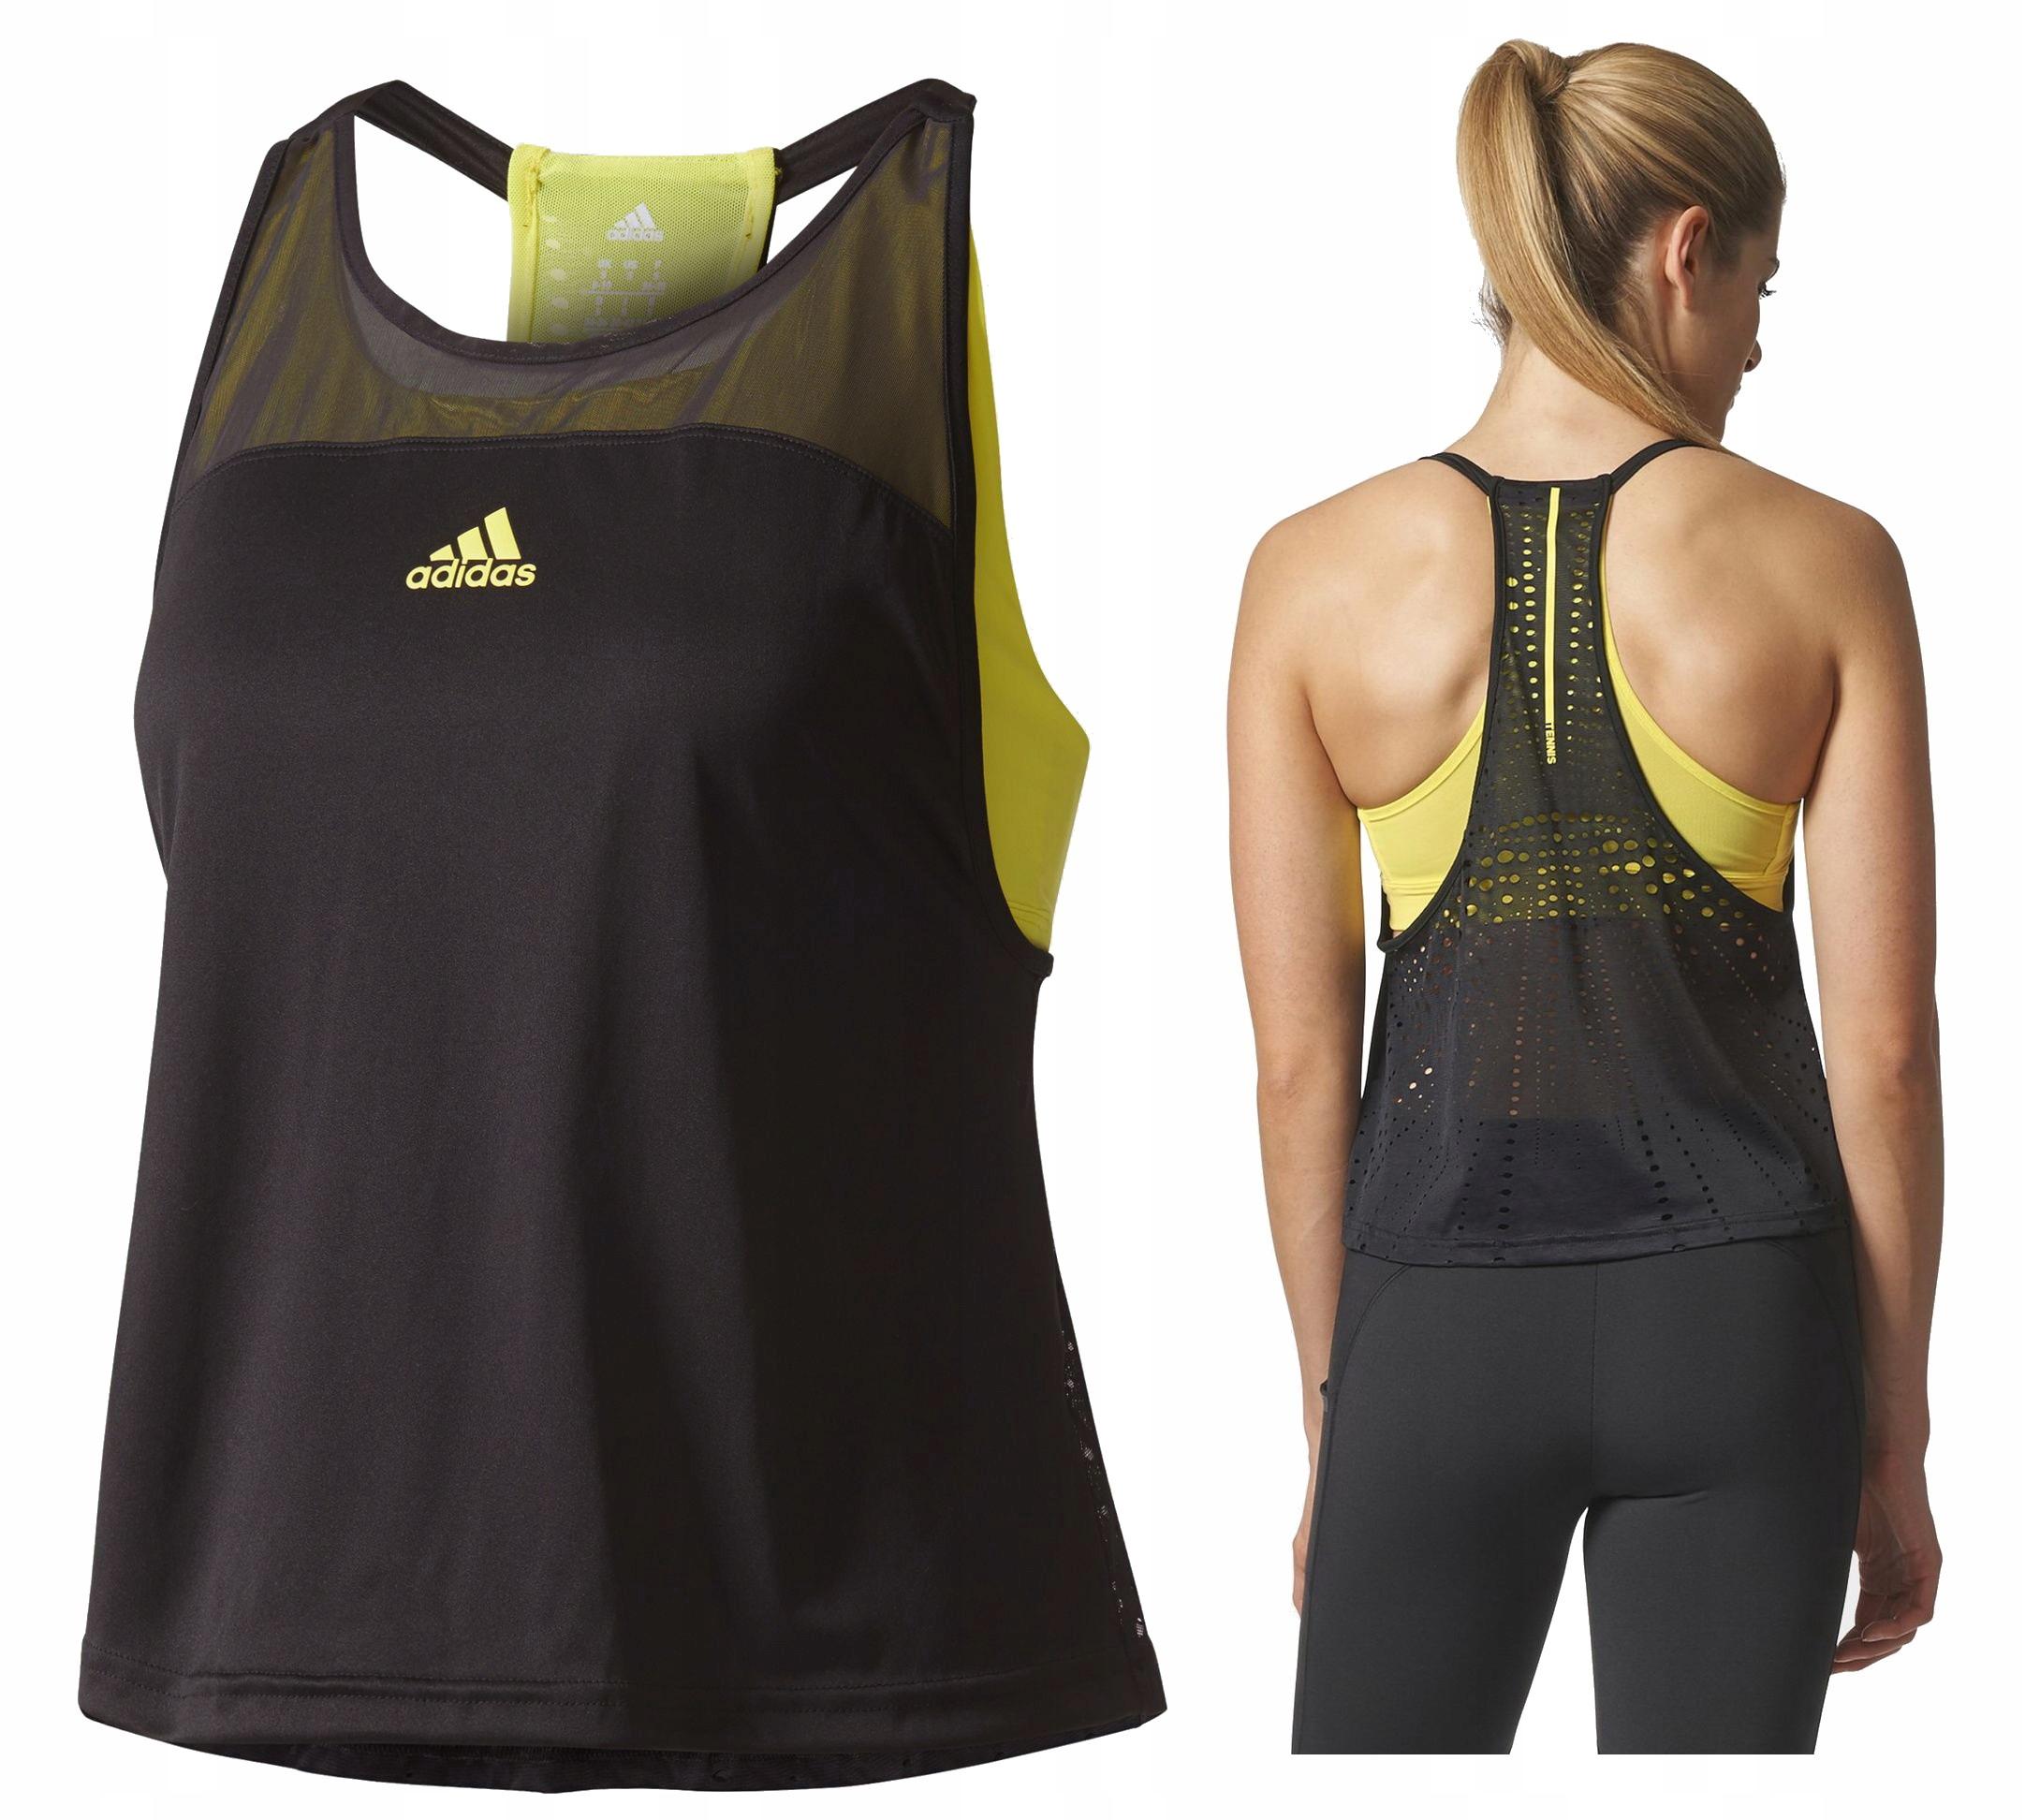 Adidas US Series Tank koszulka damska tenisowa - L